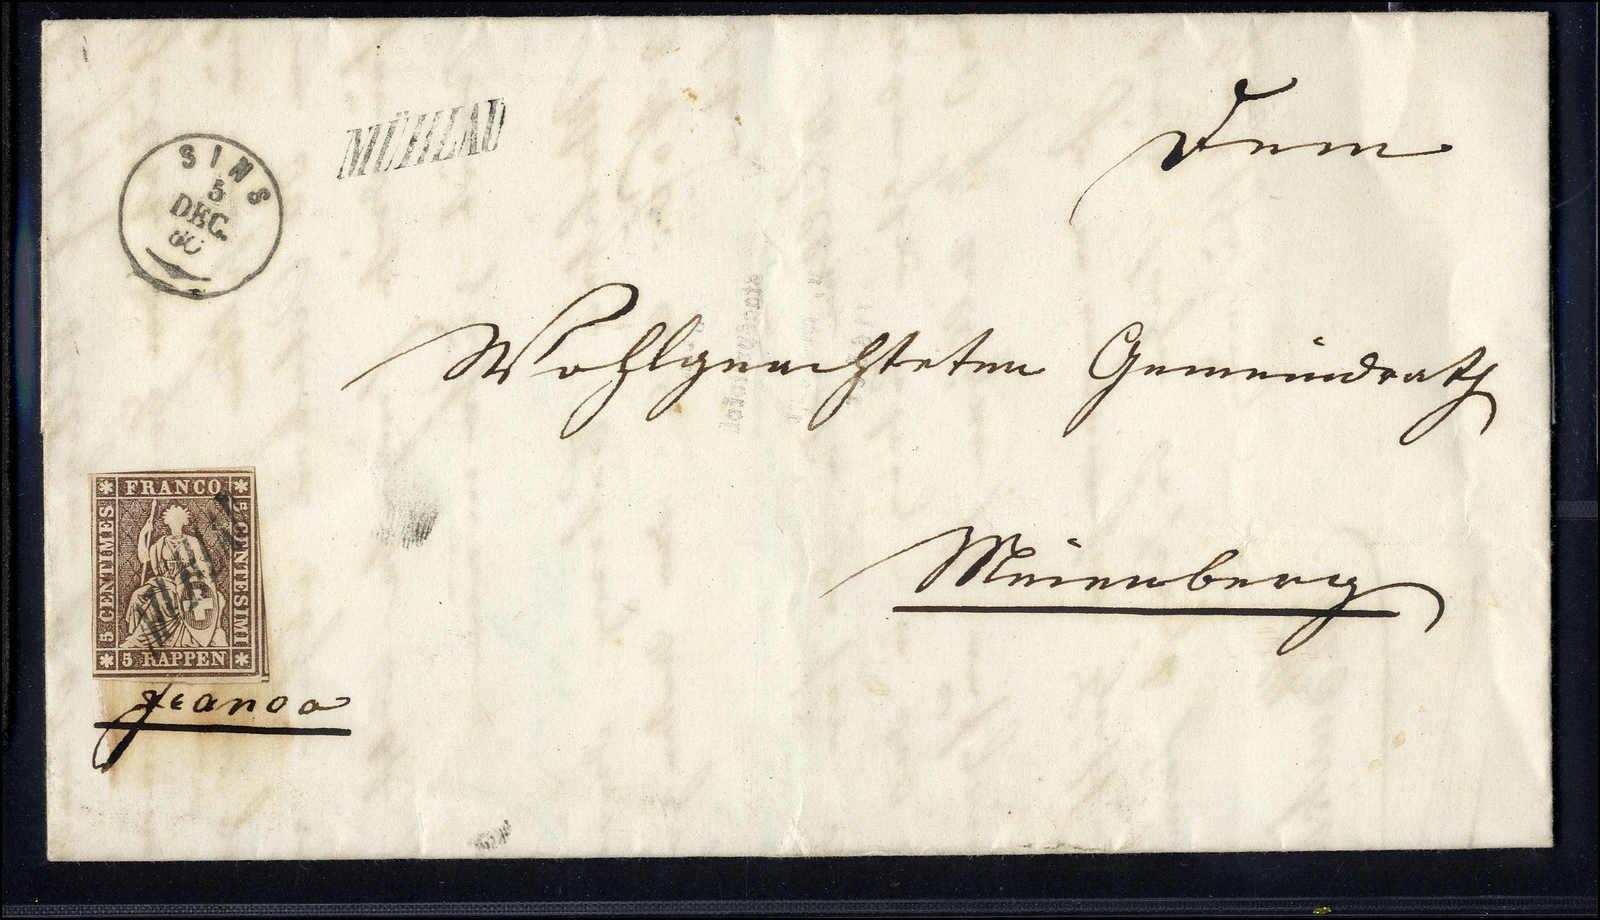 Lot 76 - sammlungen und posten sammlungen und posten altschweiz -  Rolli Auctions Auction #68 Day 1